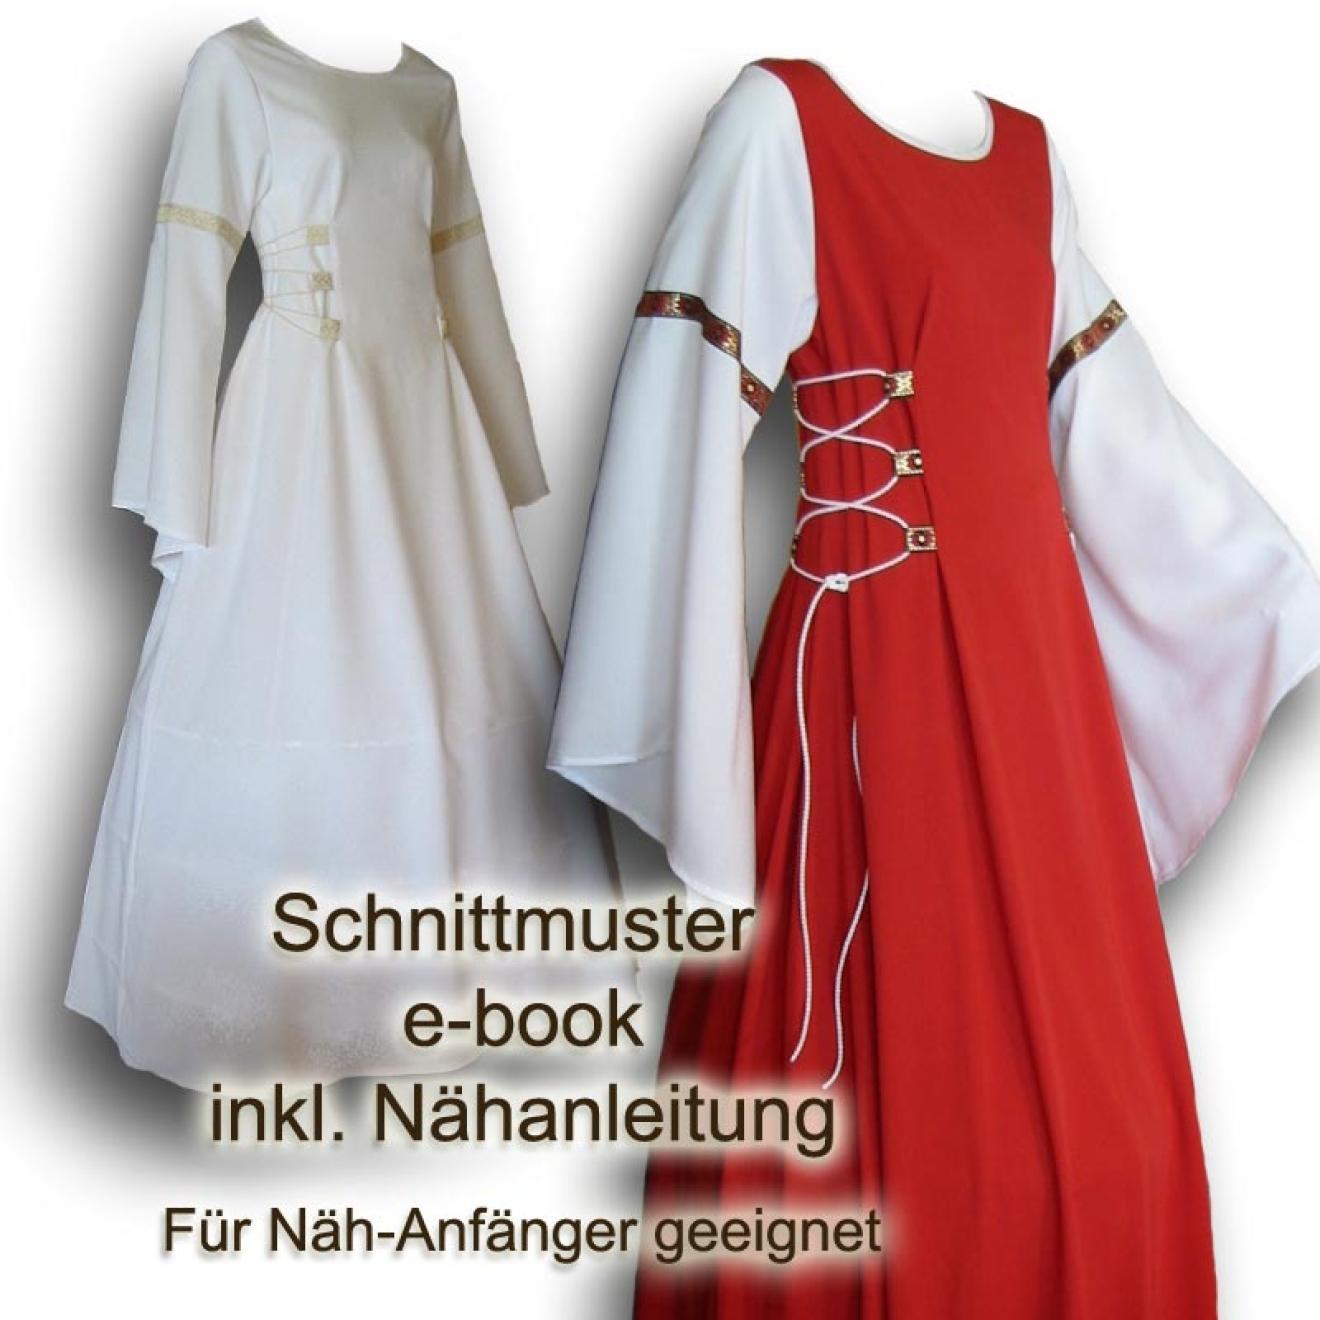 Mittelalter kleidung damen nahen – Stilvolle Kleiderneuheiten